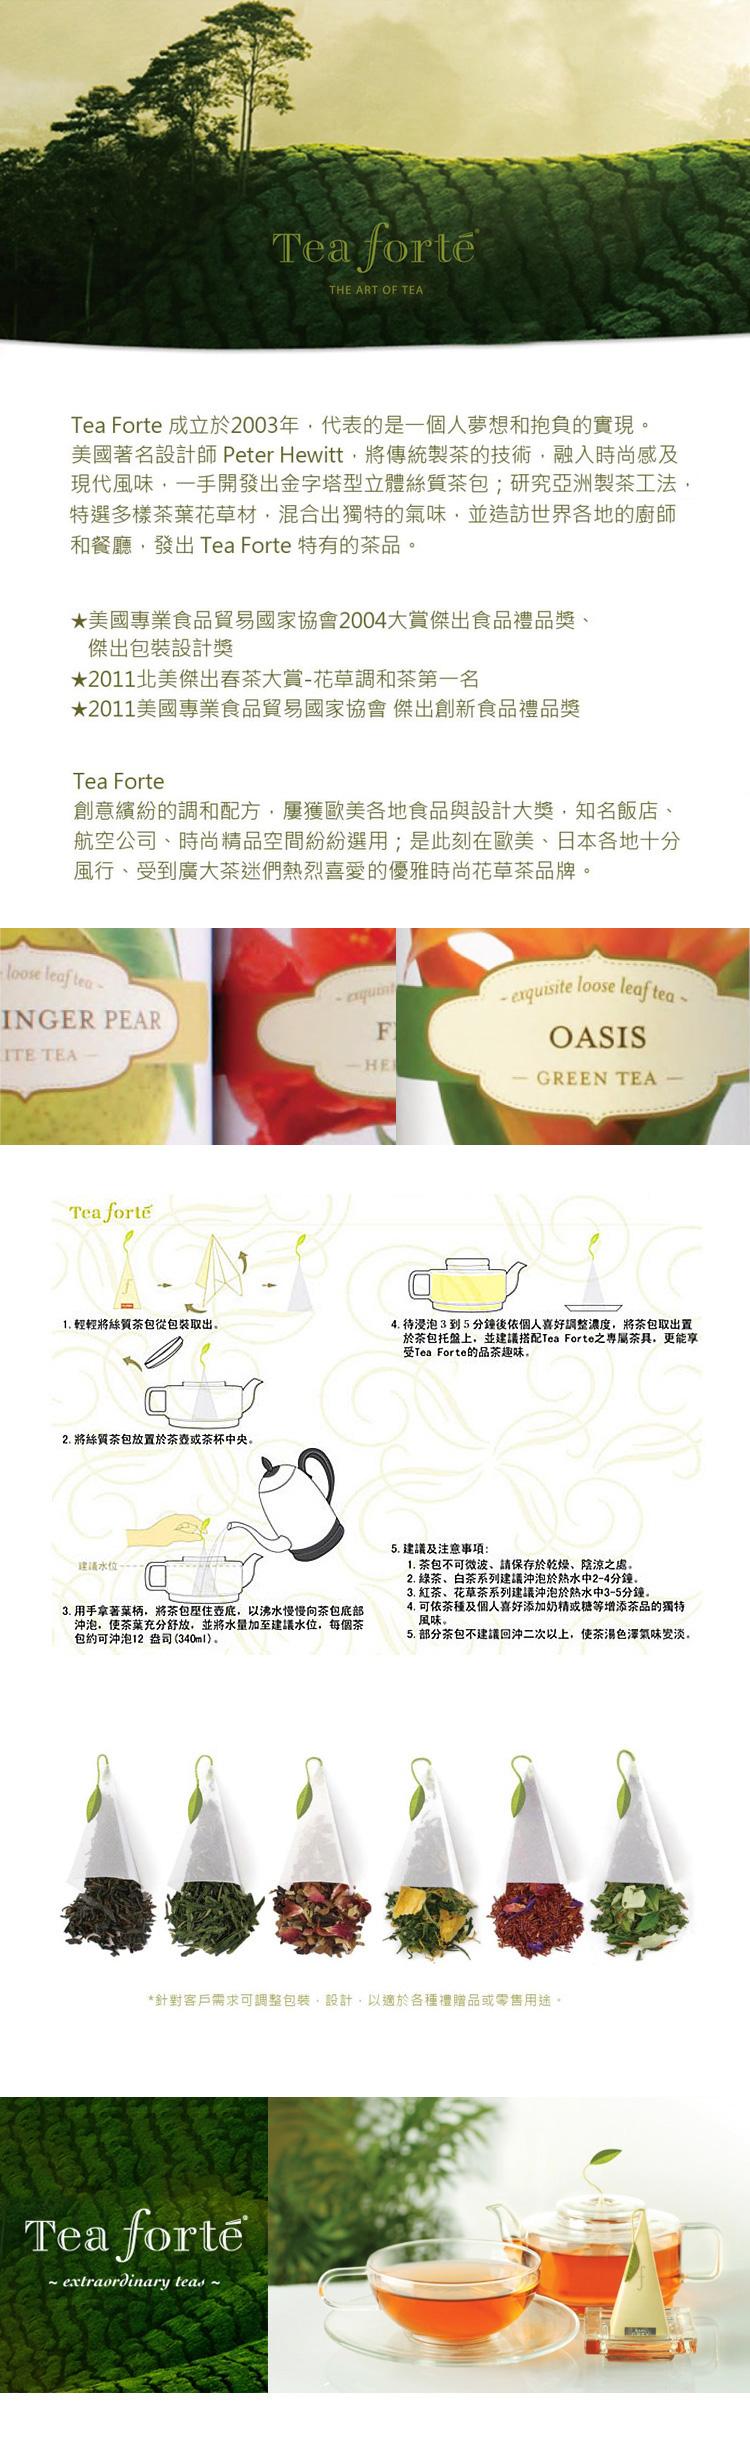 美國 Tea Forte 普格陶瓷茶壺 櫻花